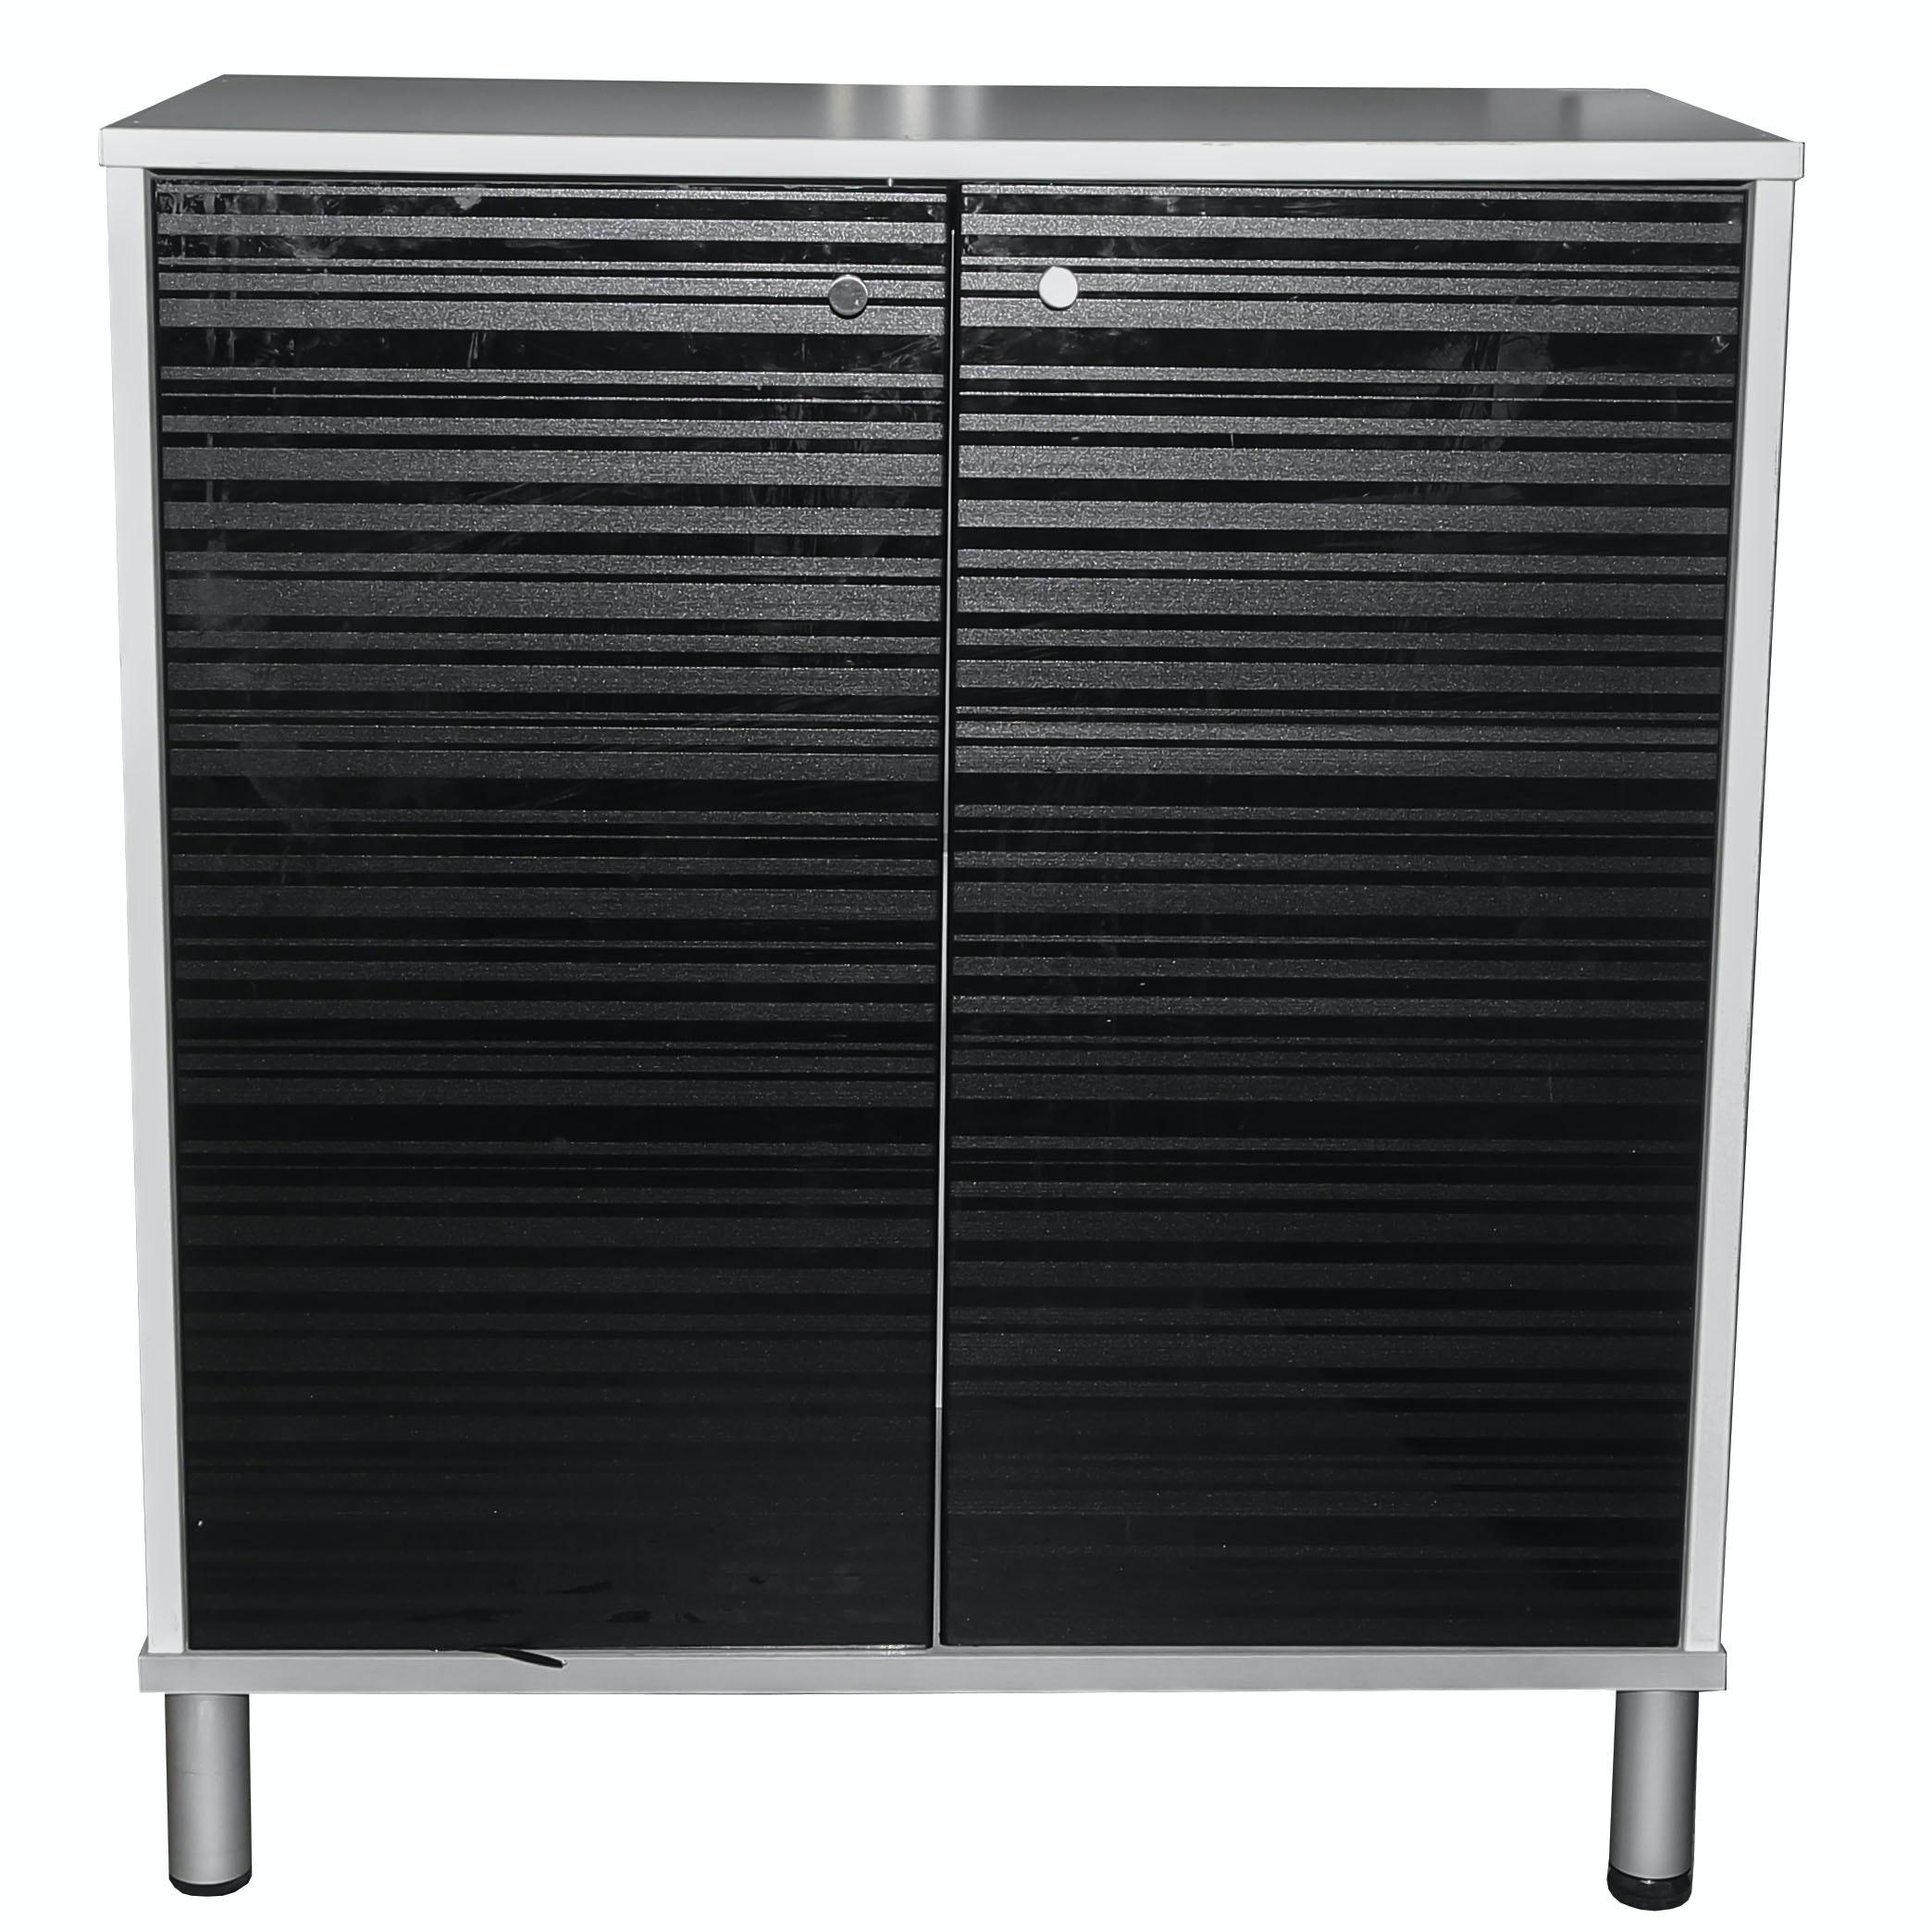 IKEA Effektiv White and Black Laminate Storage Cabinet